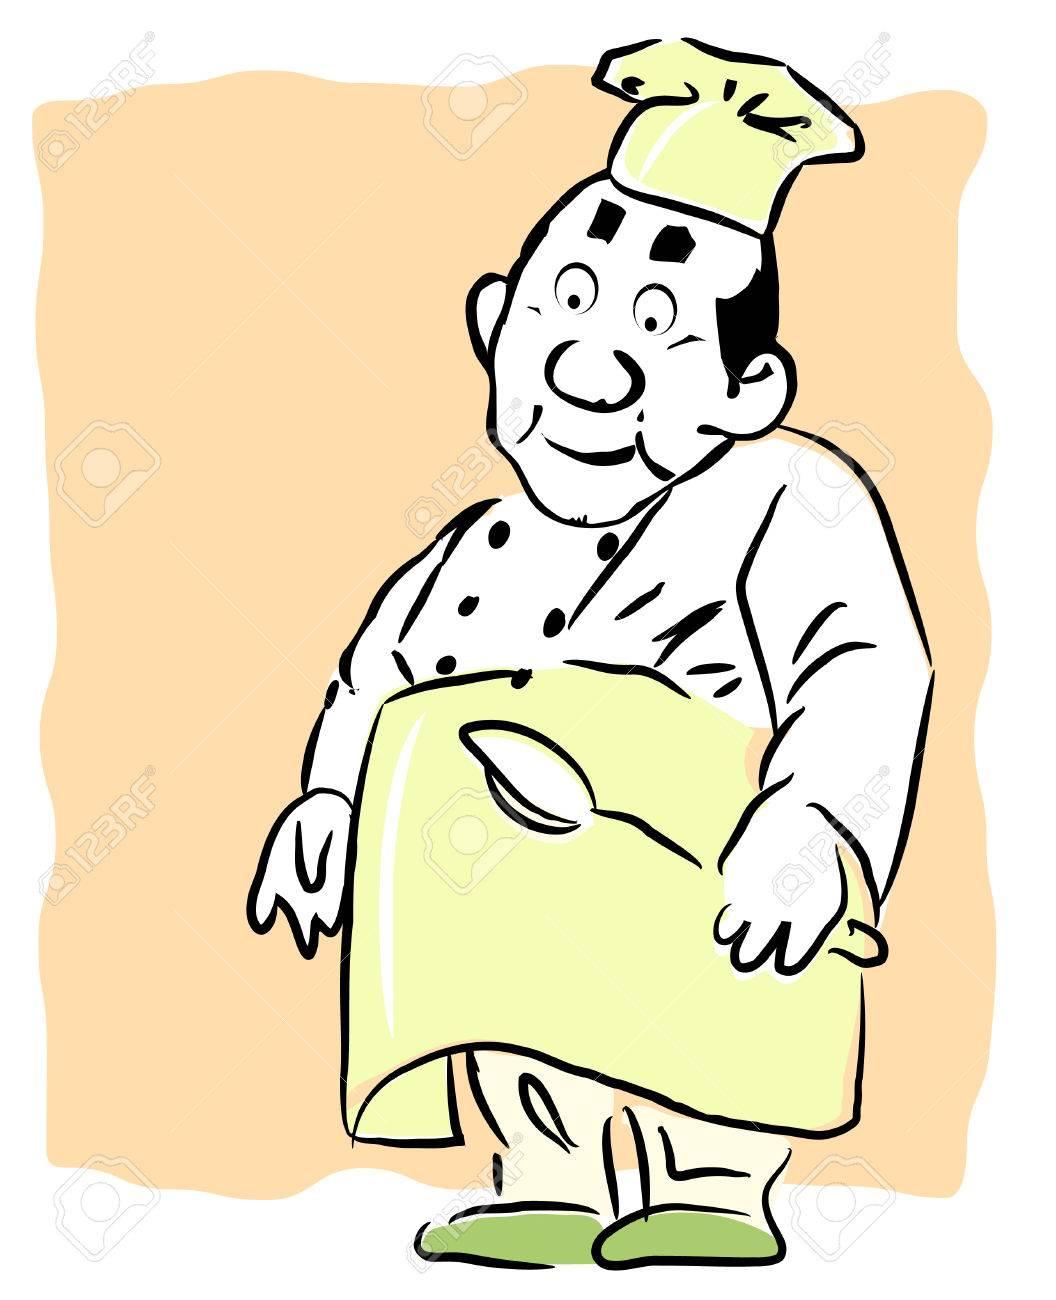 Una ilustración de dibujos animados la celebración de una cuchara de cocina en sus manos Foto de archivo - 4361678